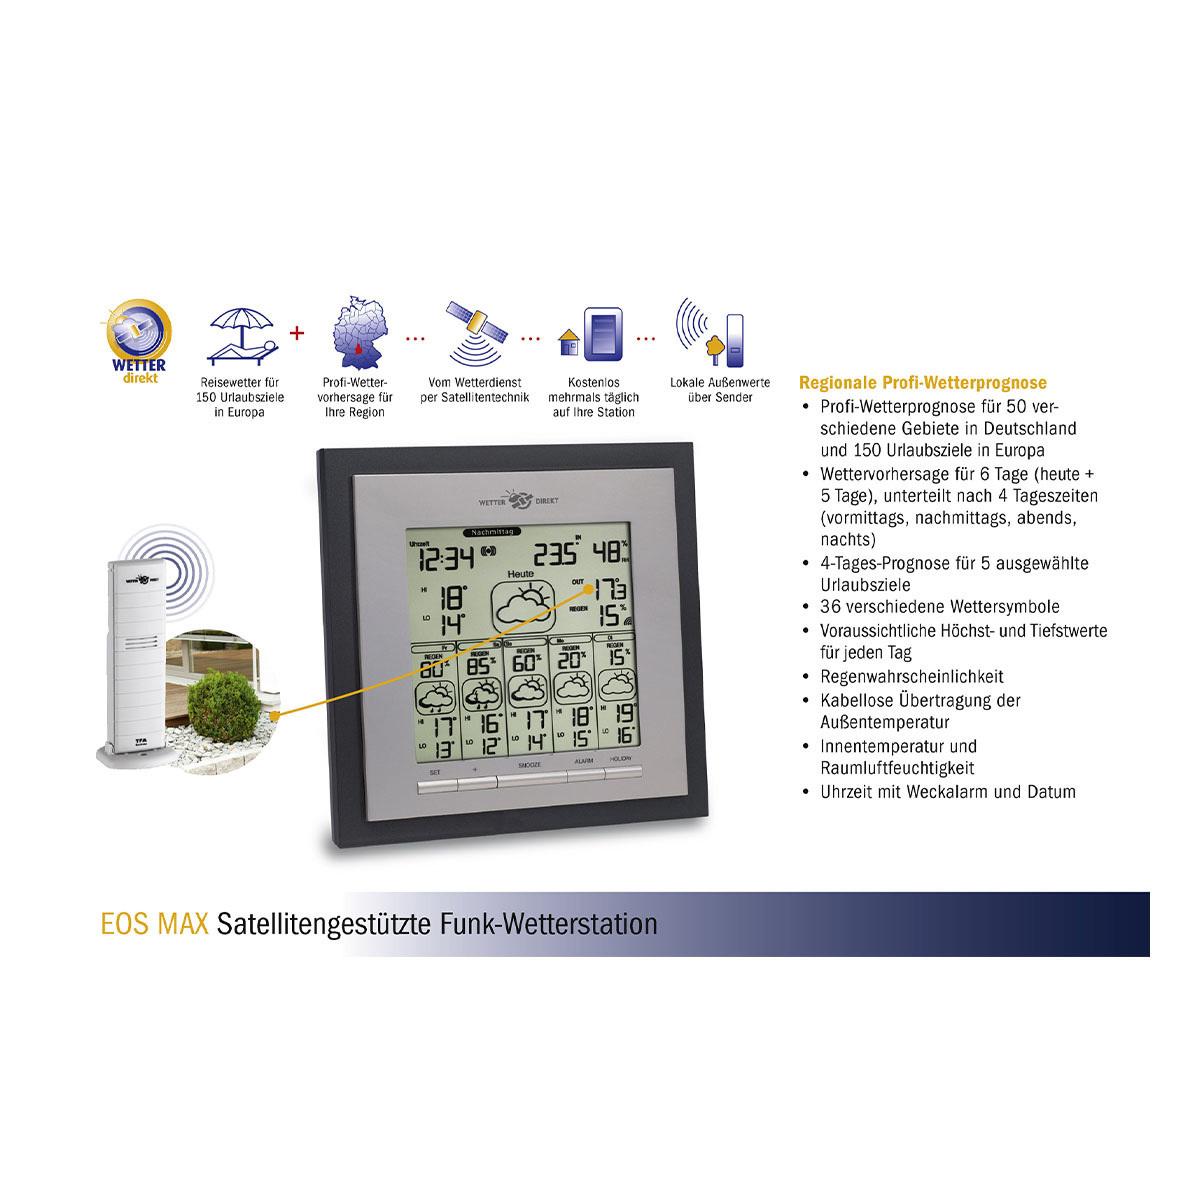 35-5015-10-it-satellitengestützte-funk-wetterstation-eos-max-vorteile-1200x1200px.jpg